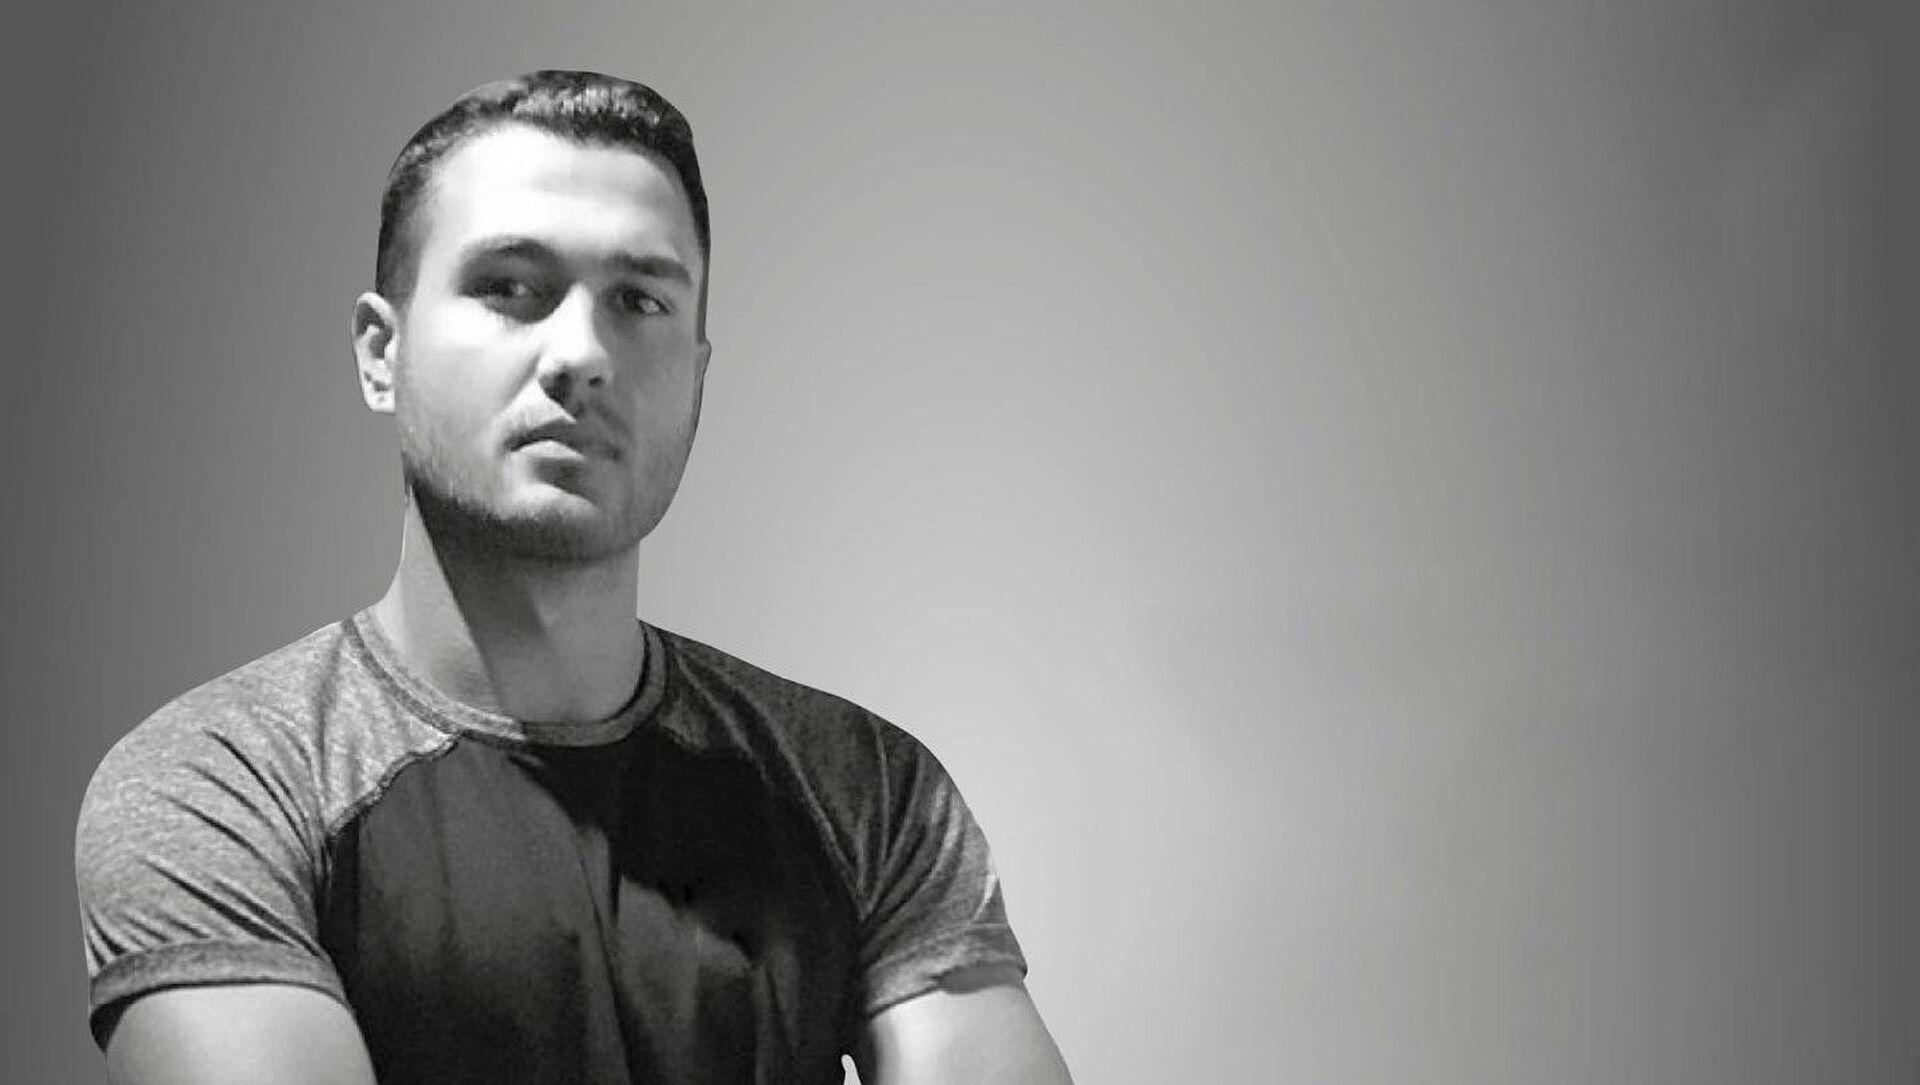 İzmir'in Karşıyaka ilçesinde spor antrenörü olduğu öğrenilen Batuhan Kerimoğlu evinde hayatını kaybetti. 21 yaşındaki genç antrenörün evinde spor yaparken kalp krizi geçirdiği öne sürüldü. - Sputnik Türkiye, 1920, 26.07.2021